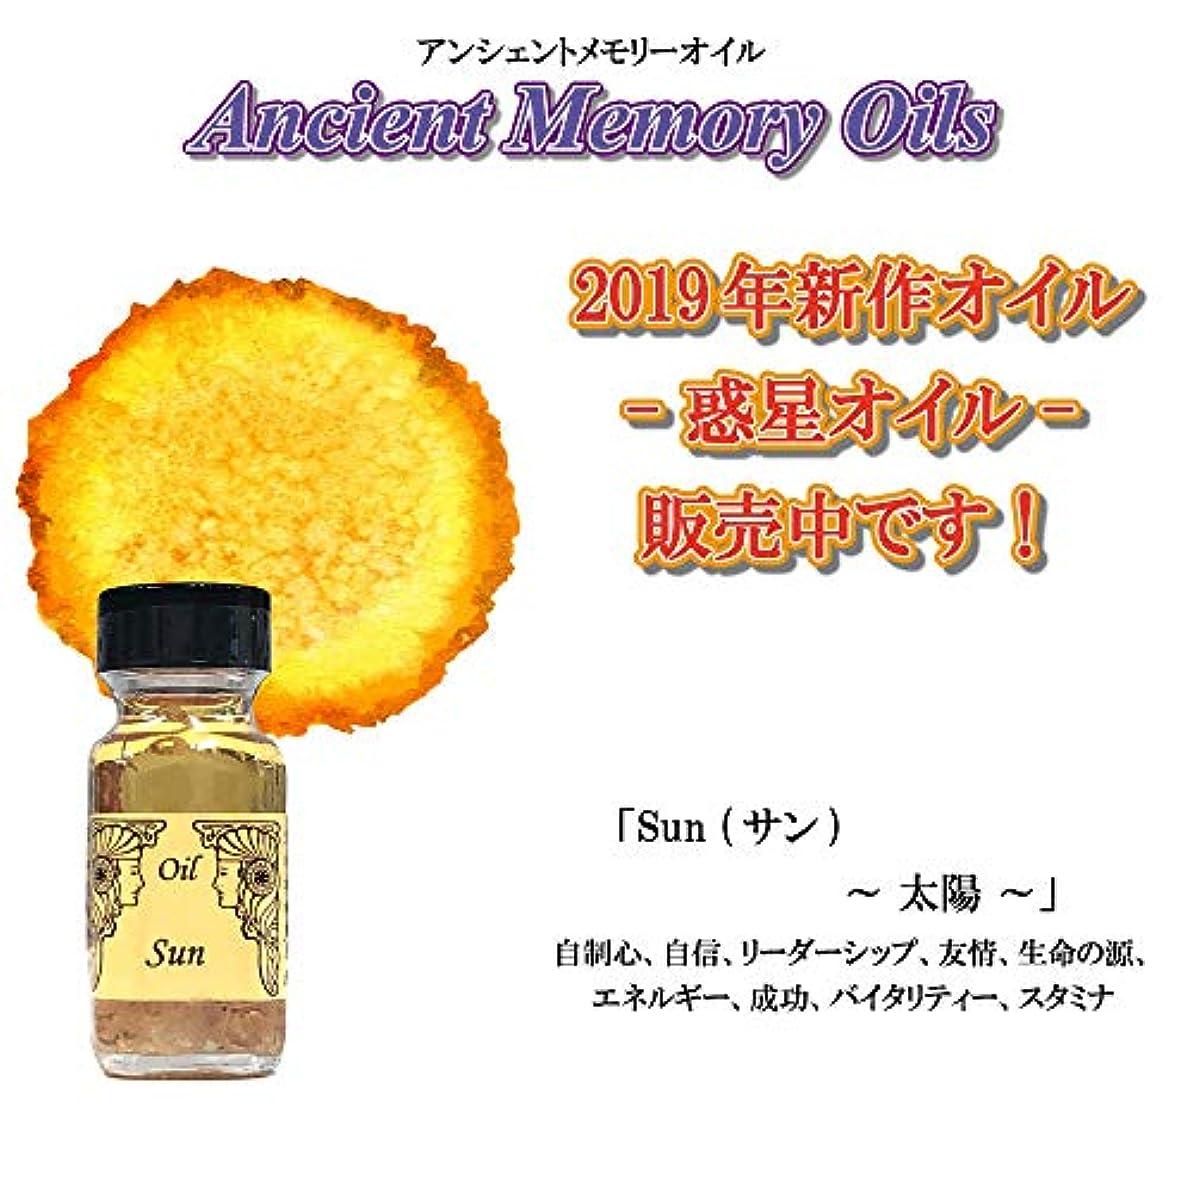 ブル雹レオナルドダSEDONA Ancient Memory Oils セドナ アンシェントメモリーオイル 惑星オイル Sun 太陽 サン 15ml